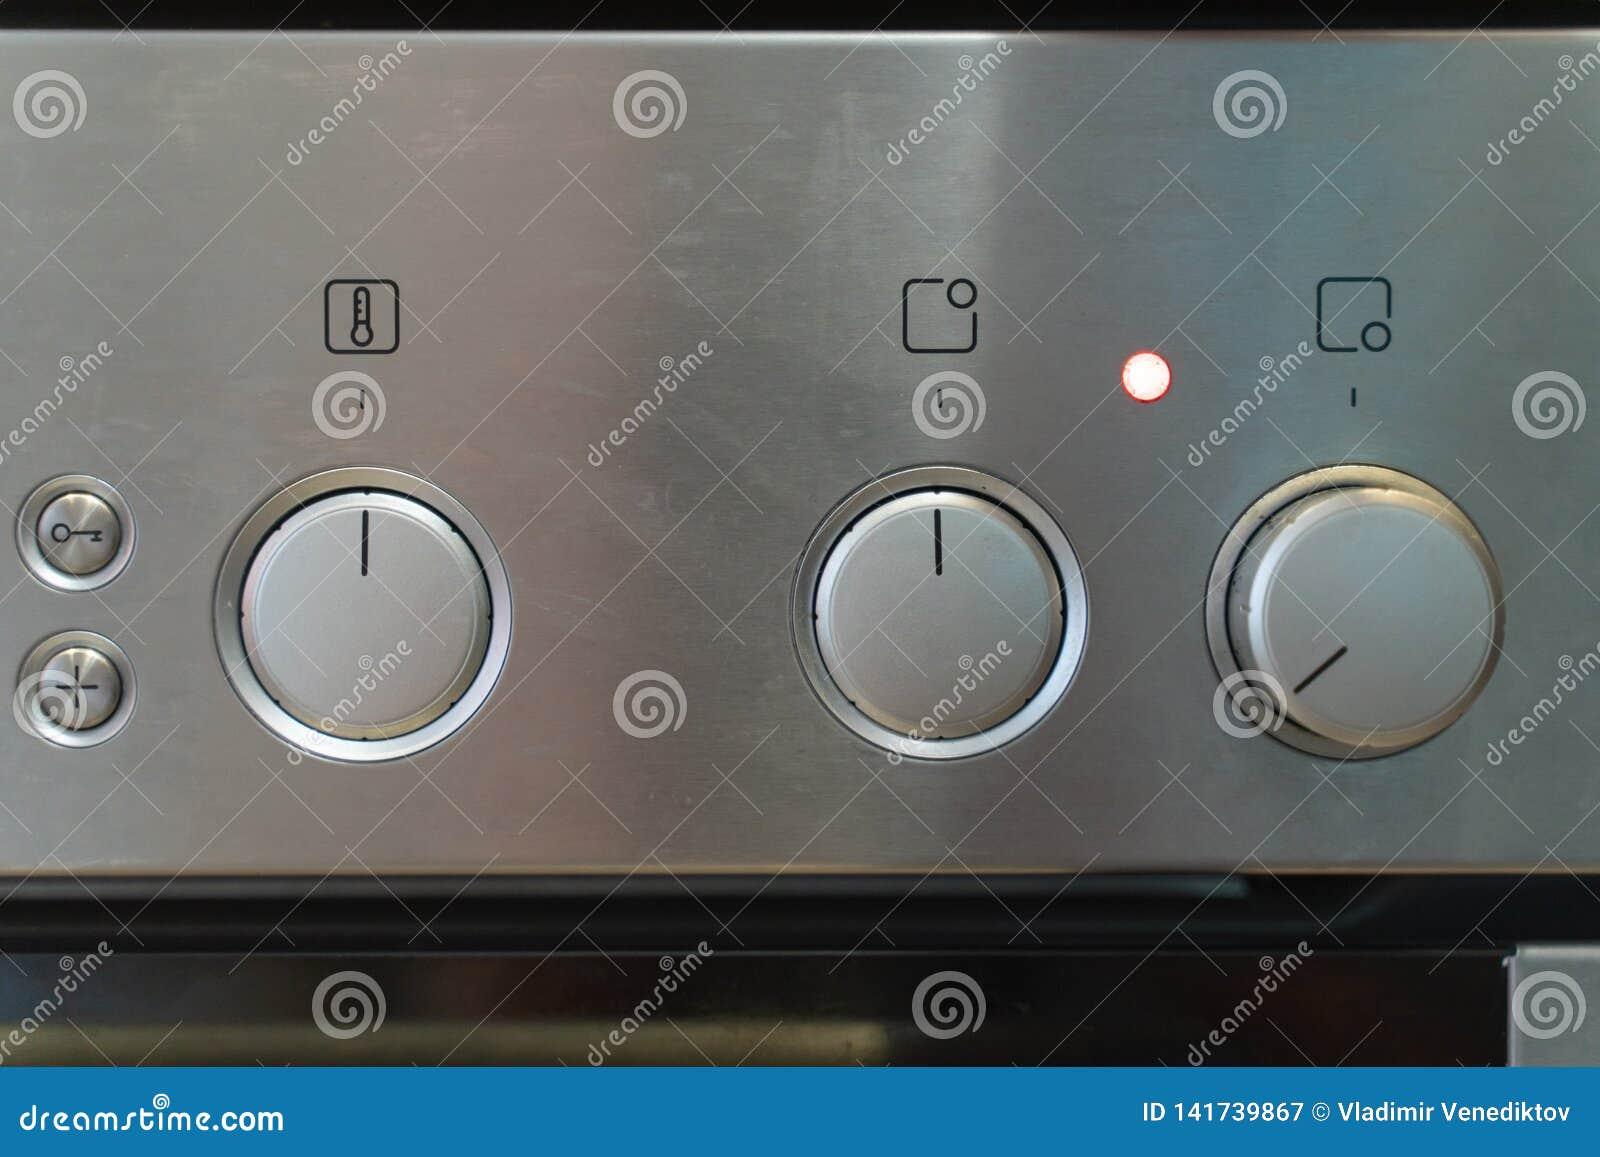 Передний серебряный пульт управления плиты с переключать ручек